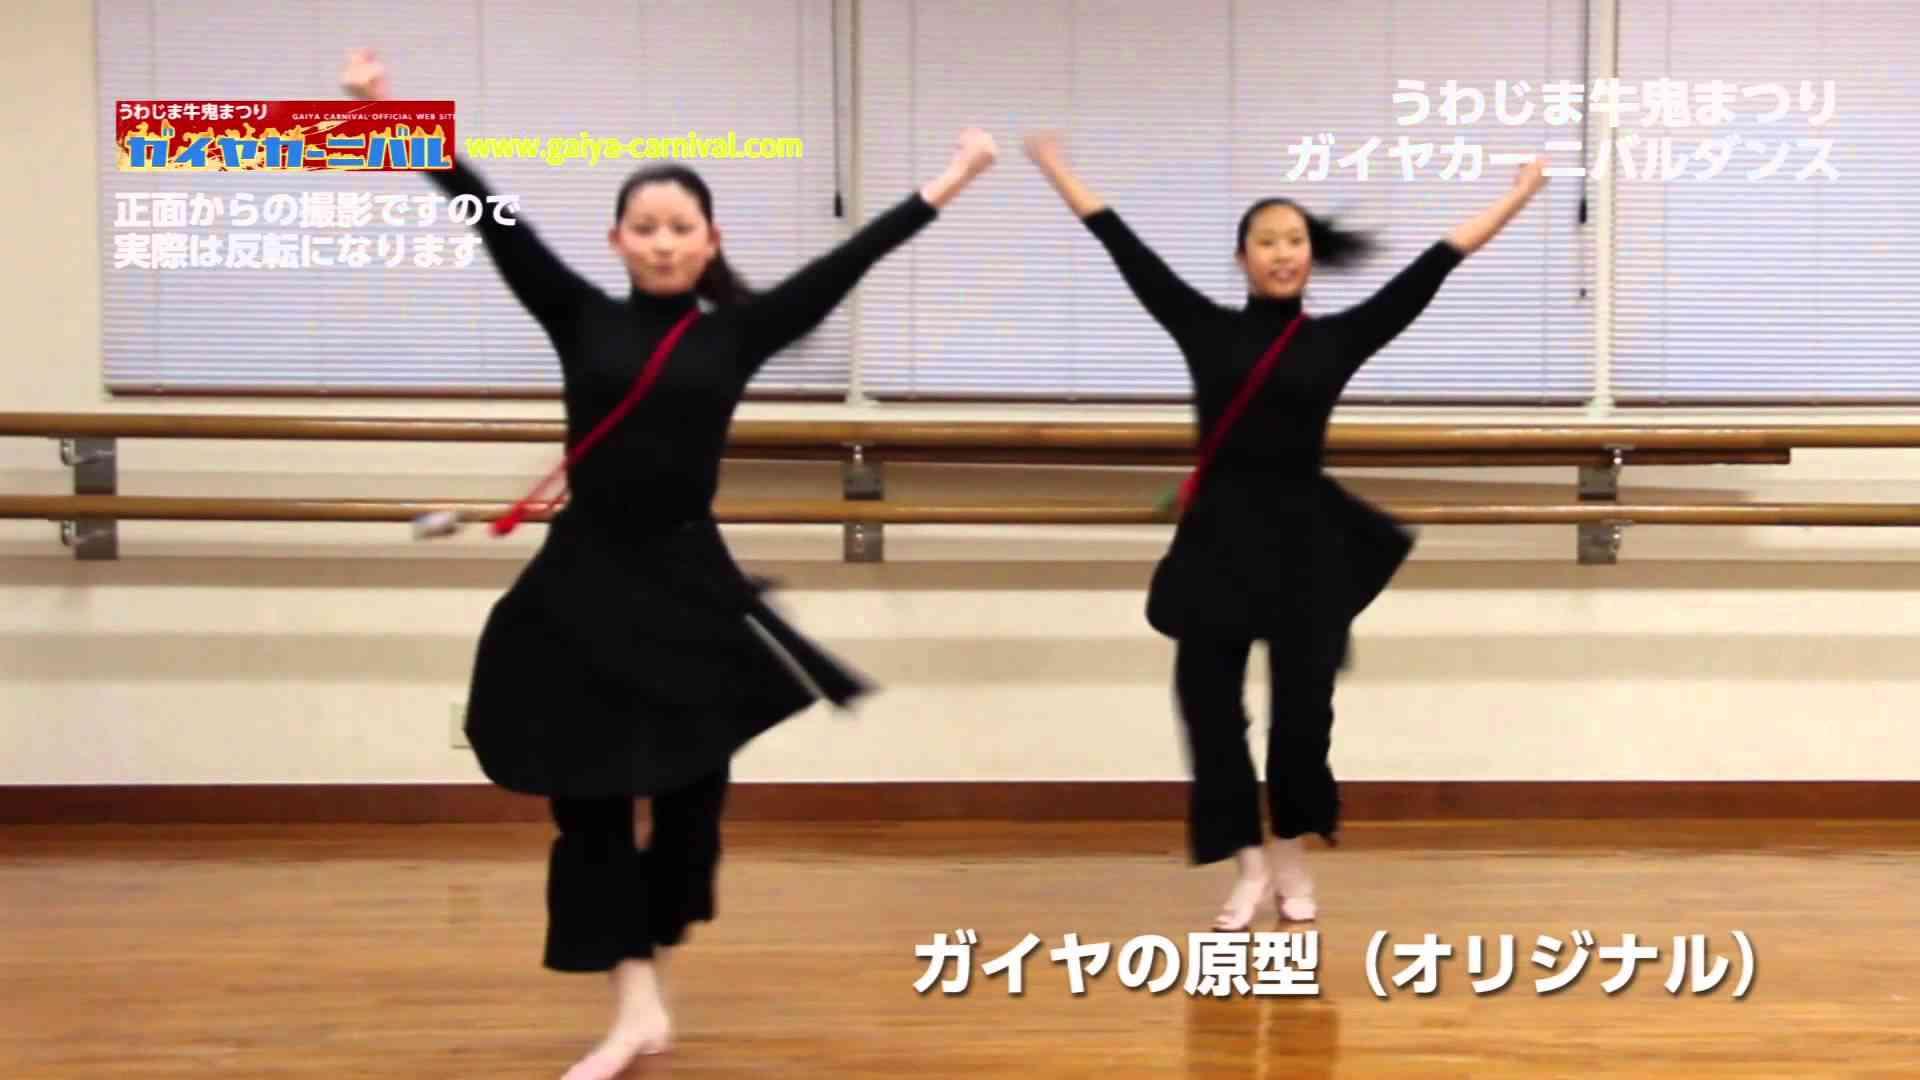 ガイヤカーニバルダンス 愛媛県宇和島市 うわじま牛鬼まつり - YouTube